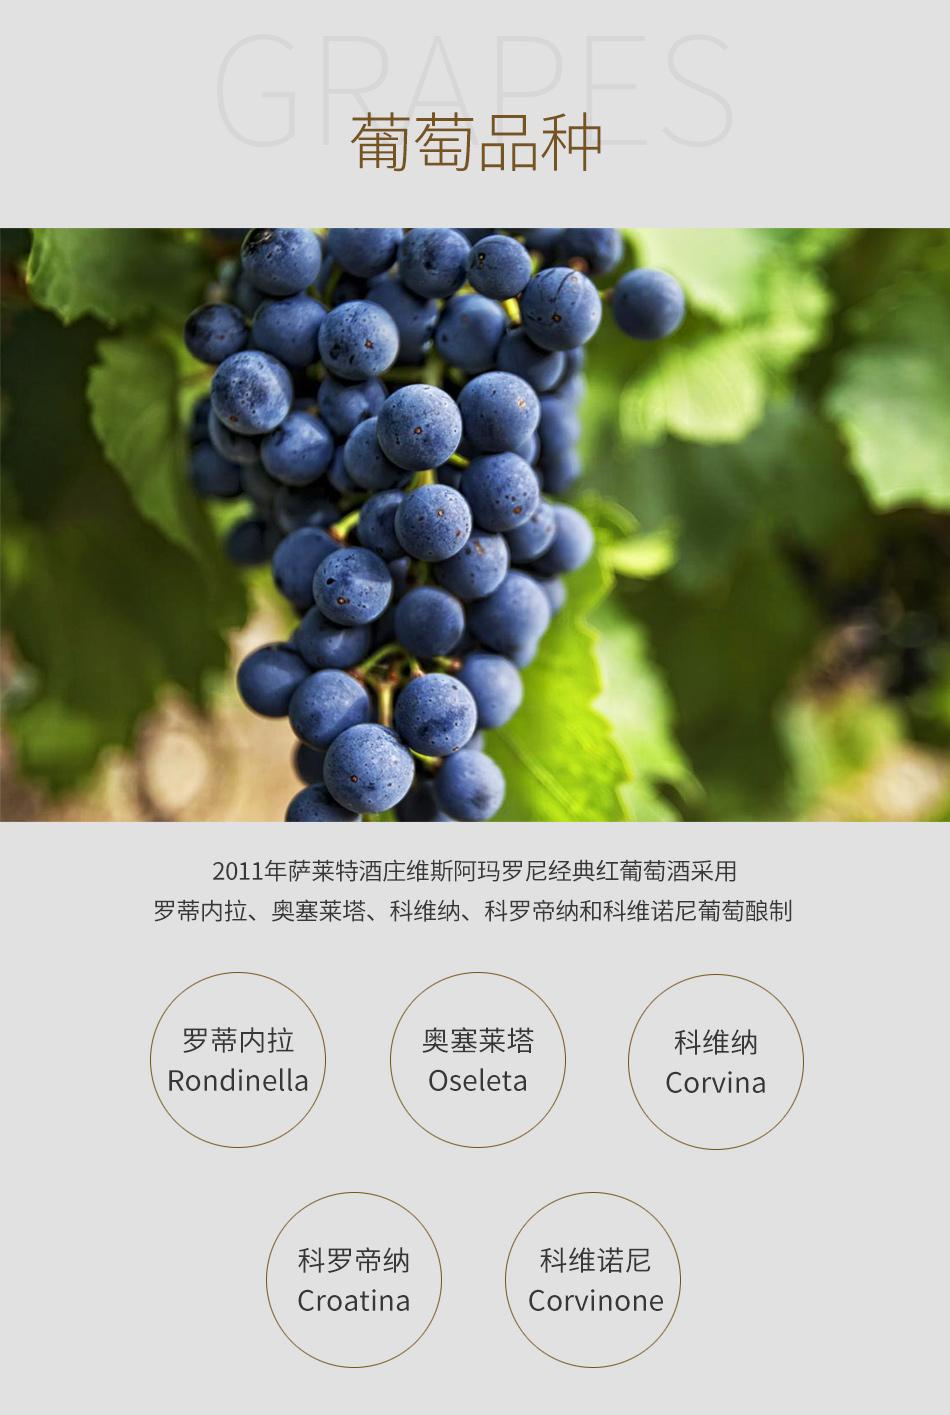 2011年萨莱特酒庄维斯阿玛罗尼经典红葡萄酒--葡萄品种